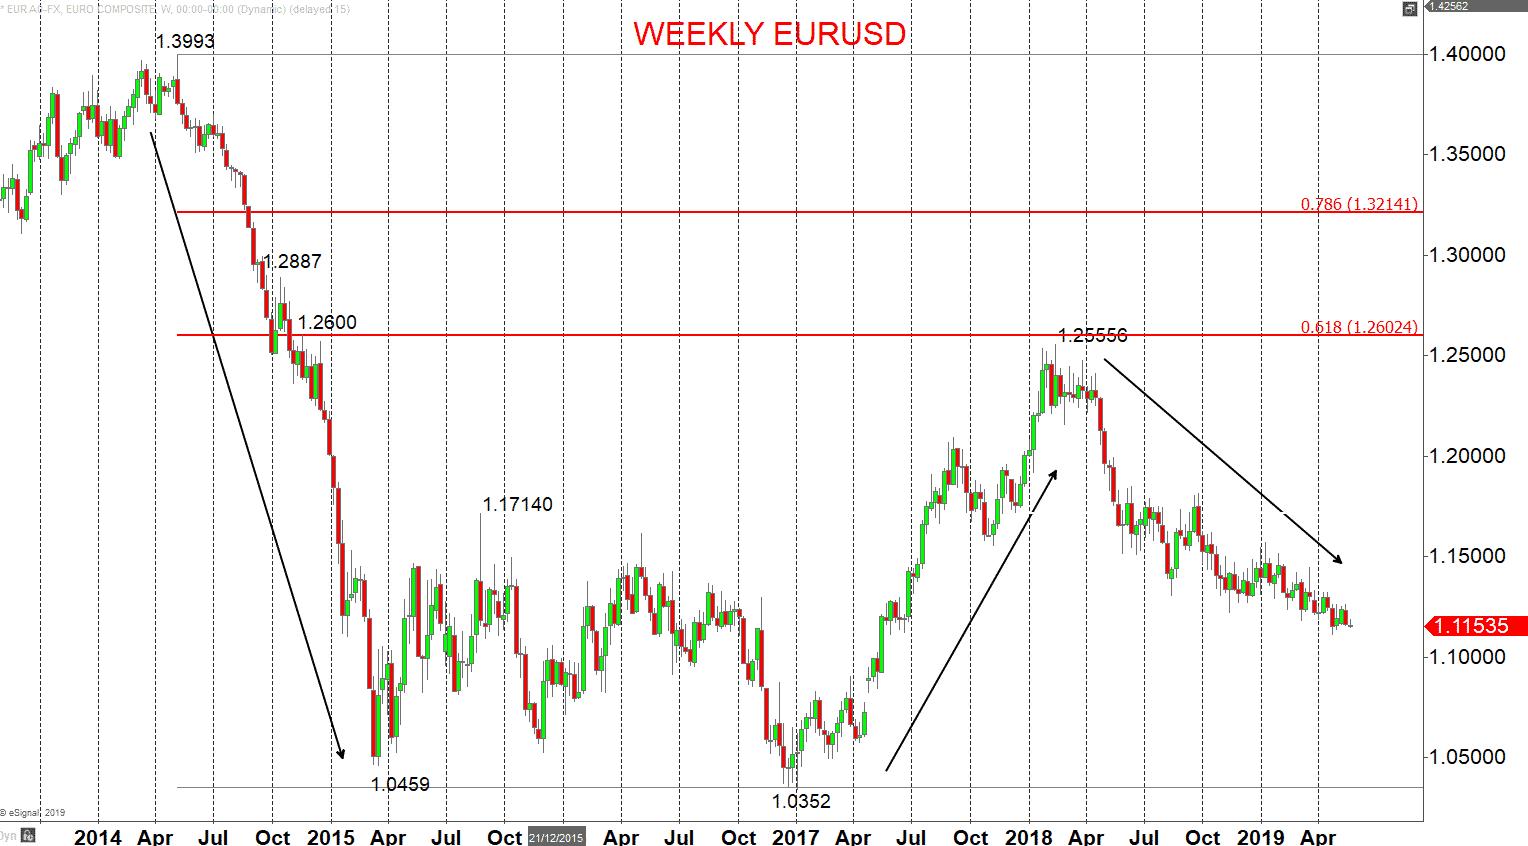 eurusd weekly